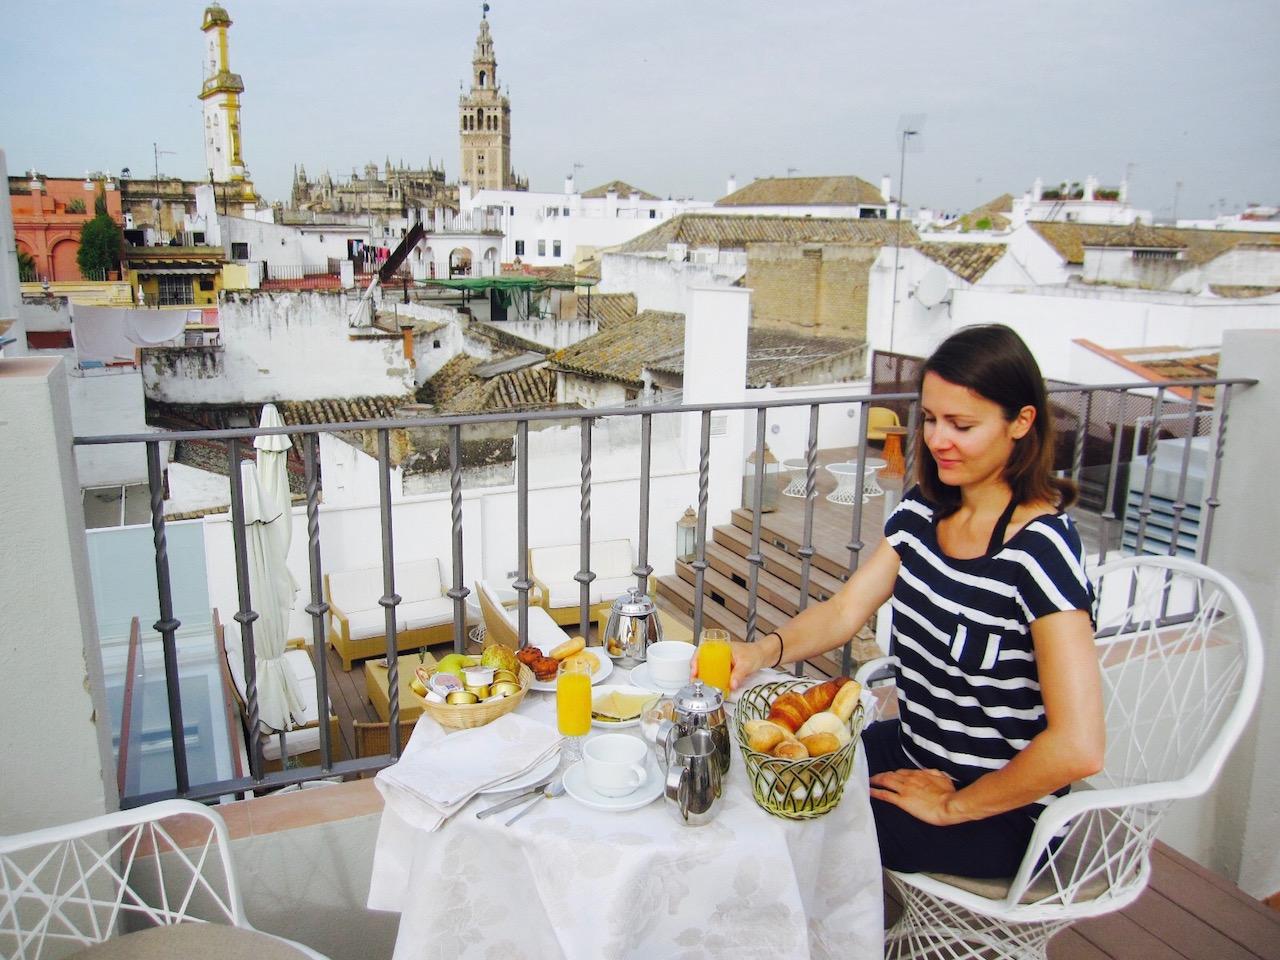 Frau beim Frühstück auf Dachterrasse vom Hotel Amadeus & La Musica, Sevilla, Andalusien